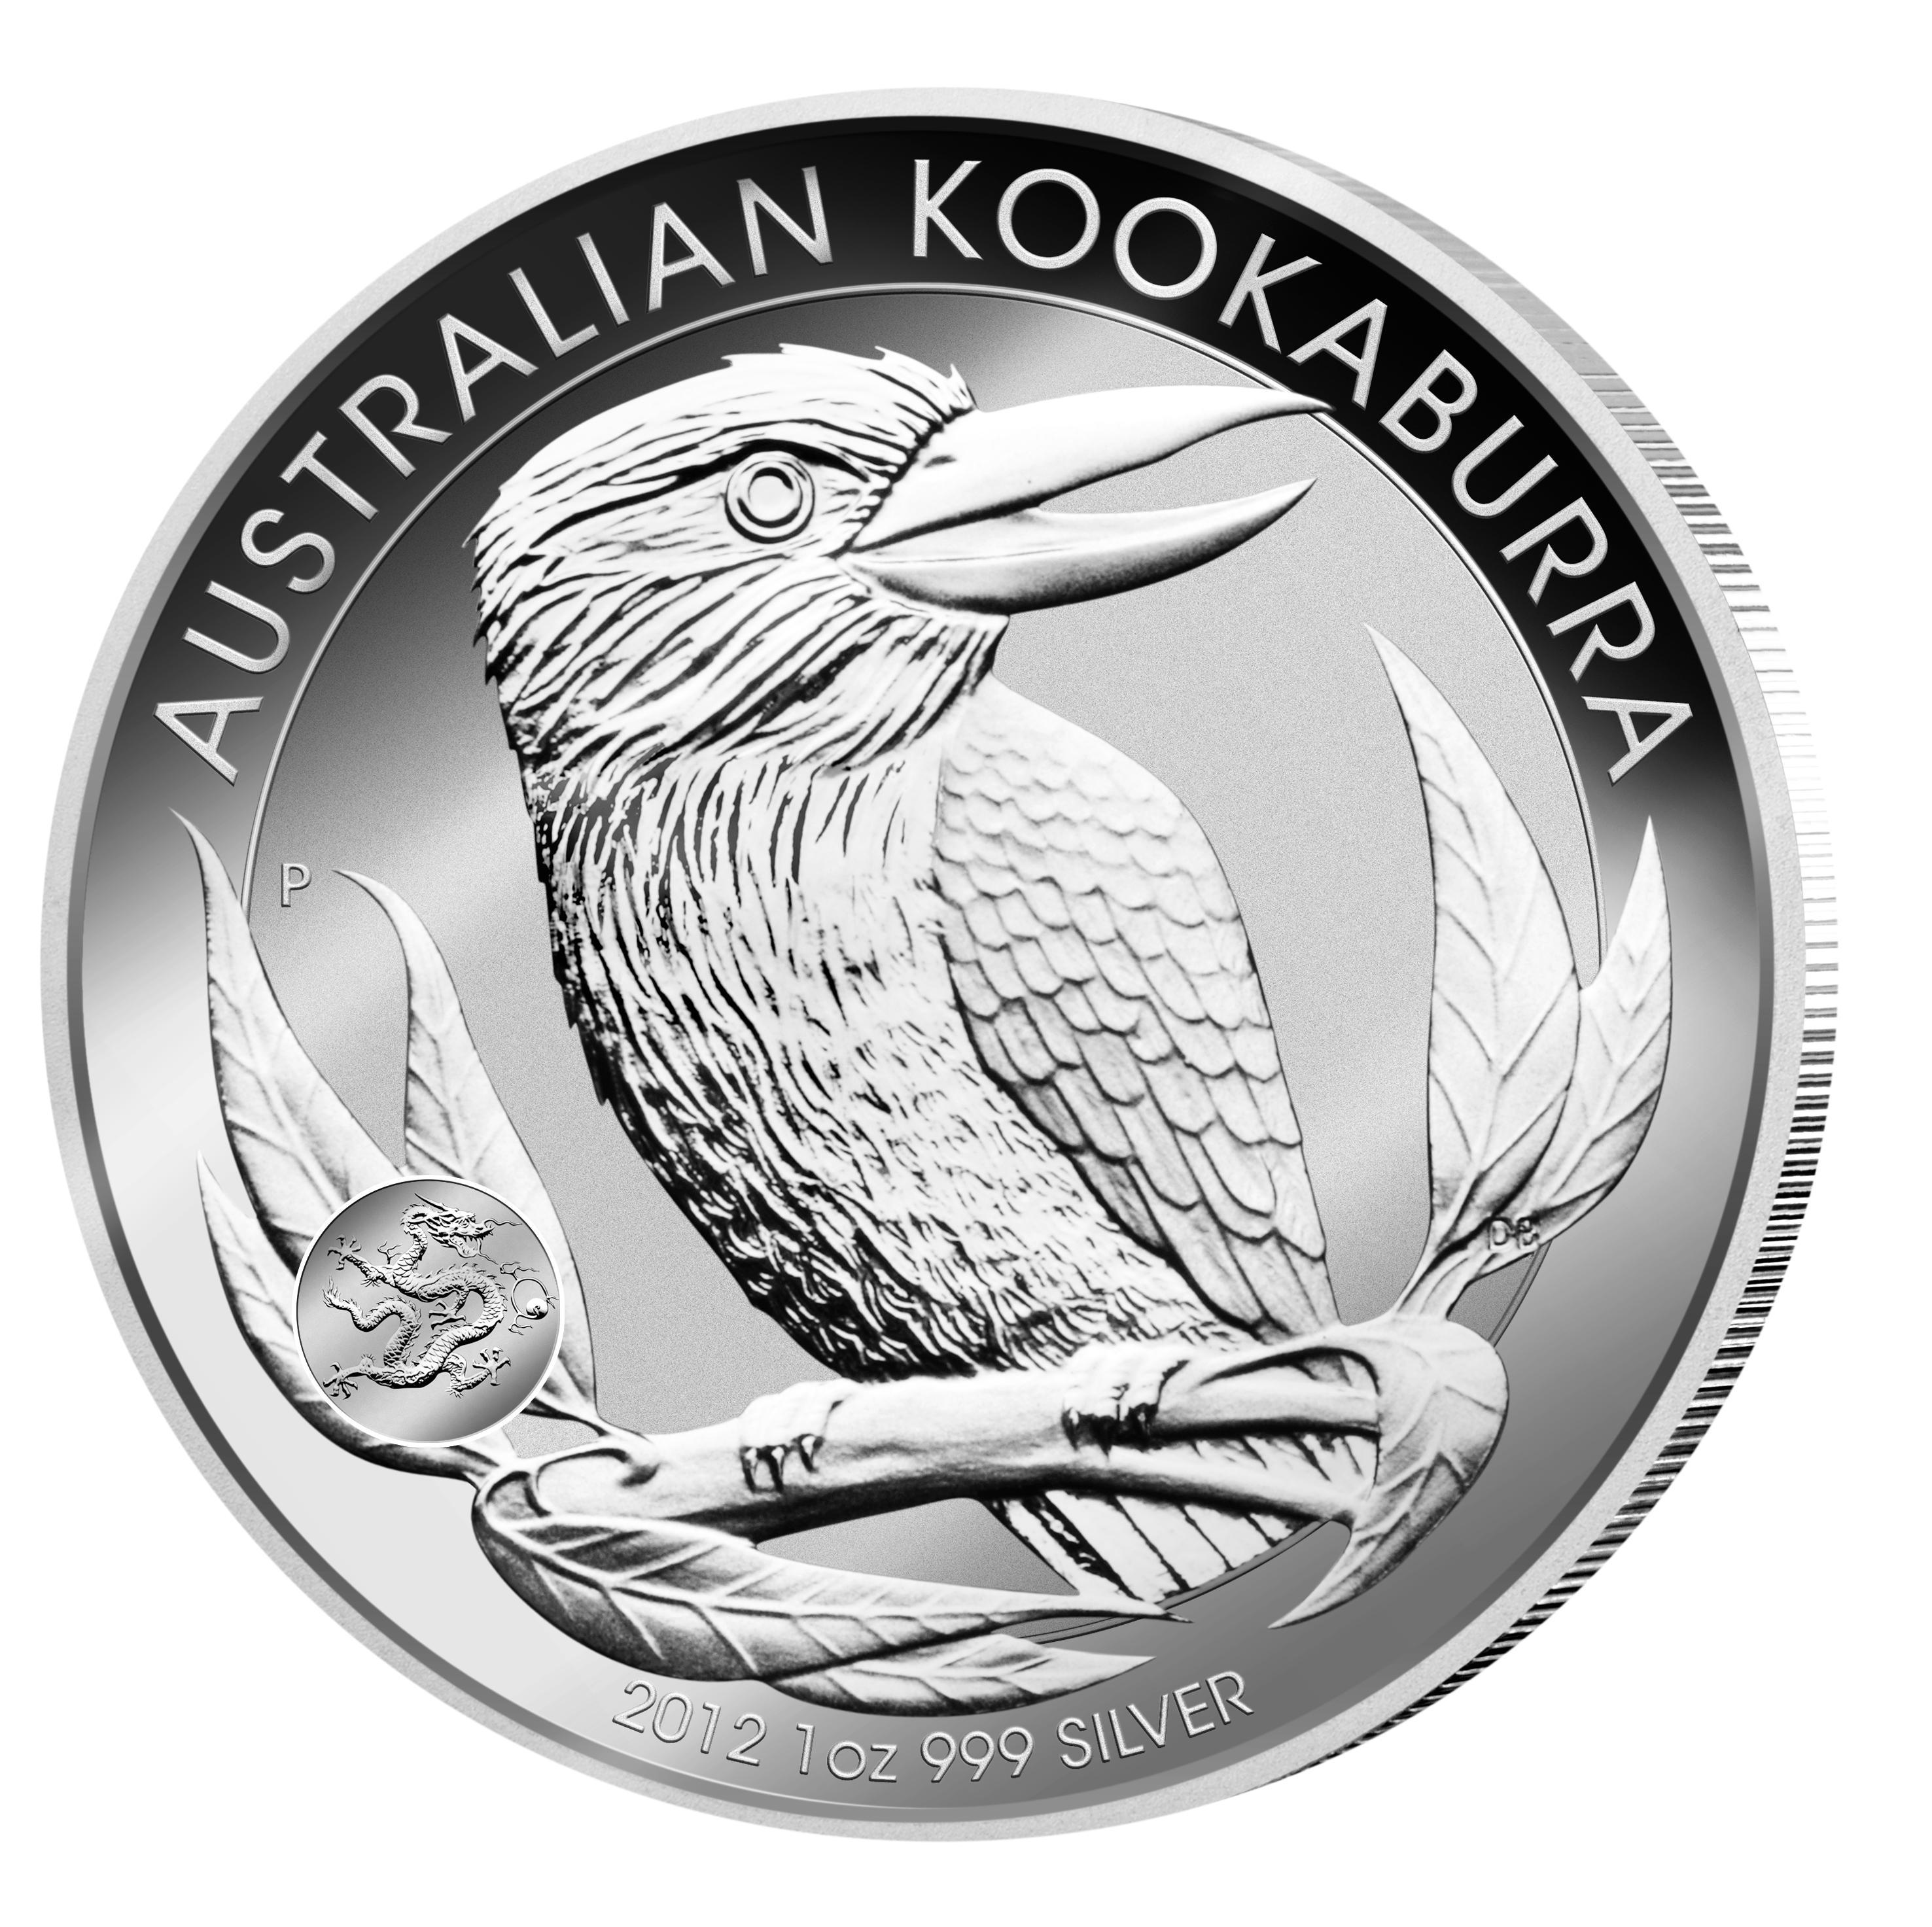 Kookaburra Silber 2012 mit Privymark Drachen - Auflage nur 80.000 Stück